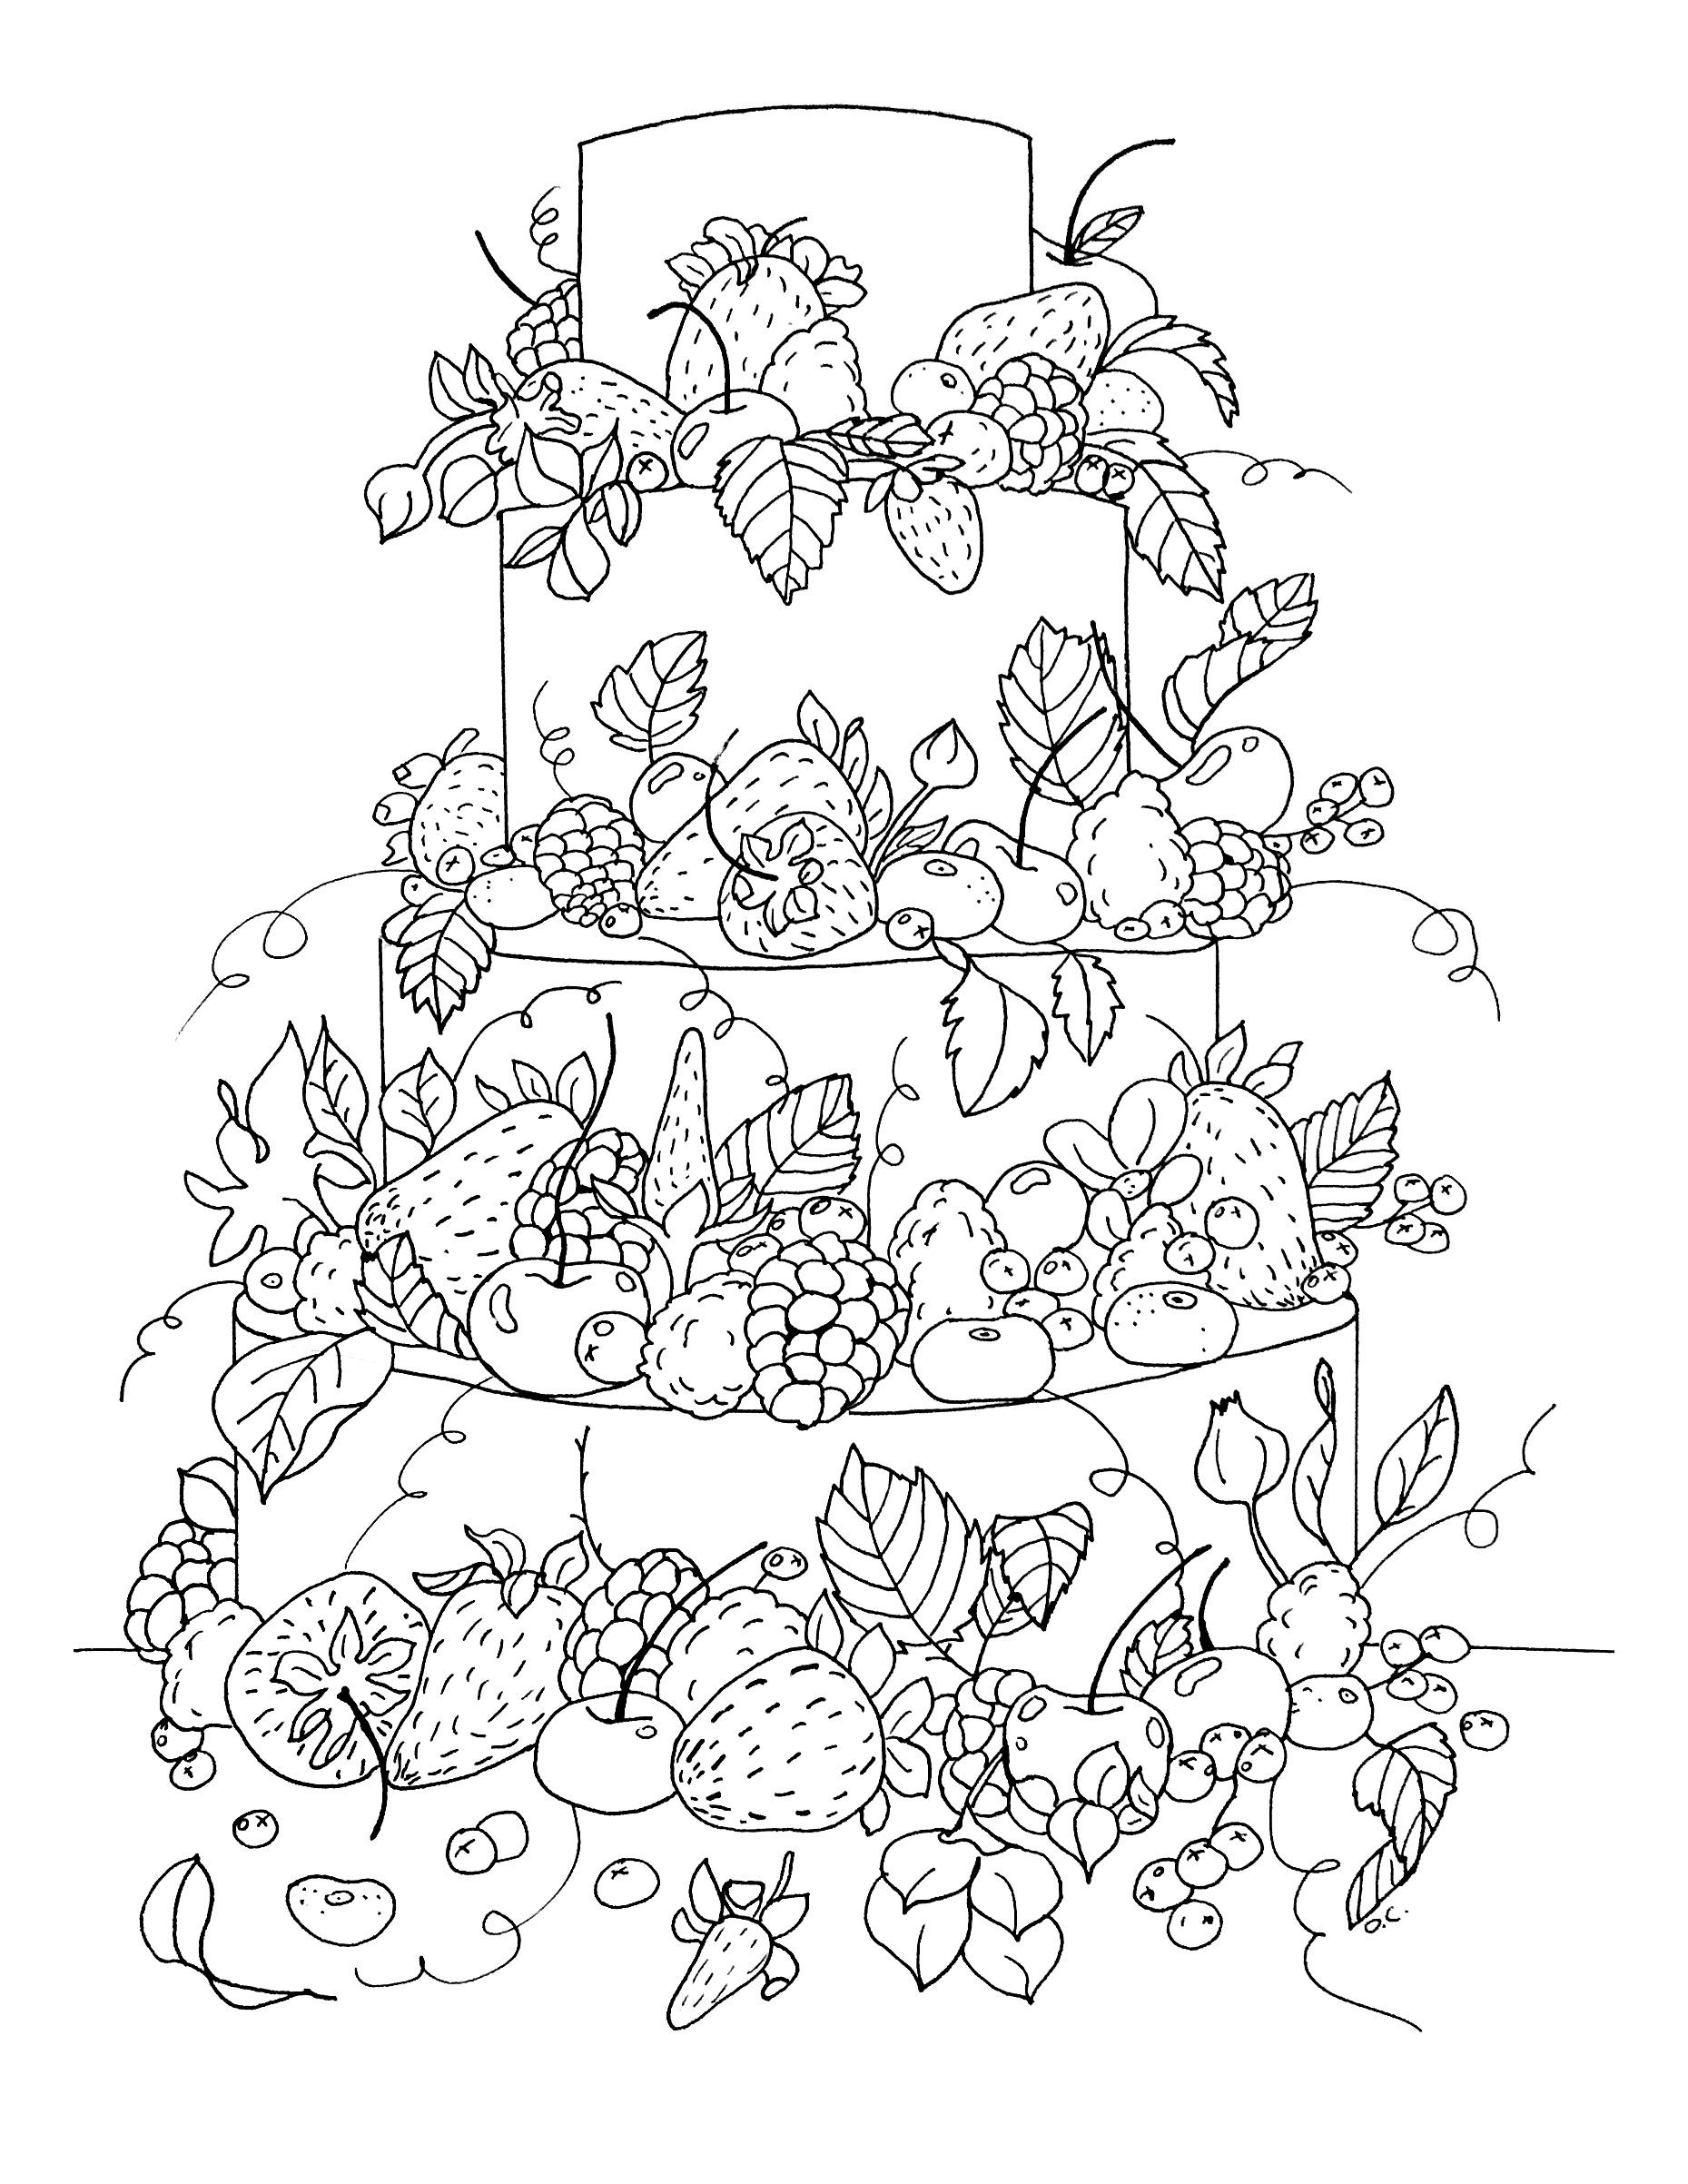 Colorear para adultos  : Cupcakes - 17